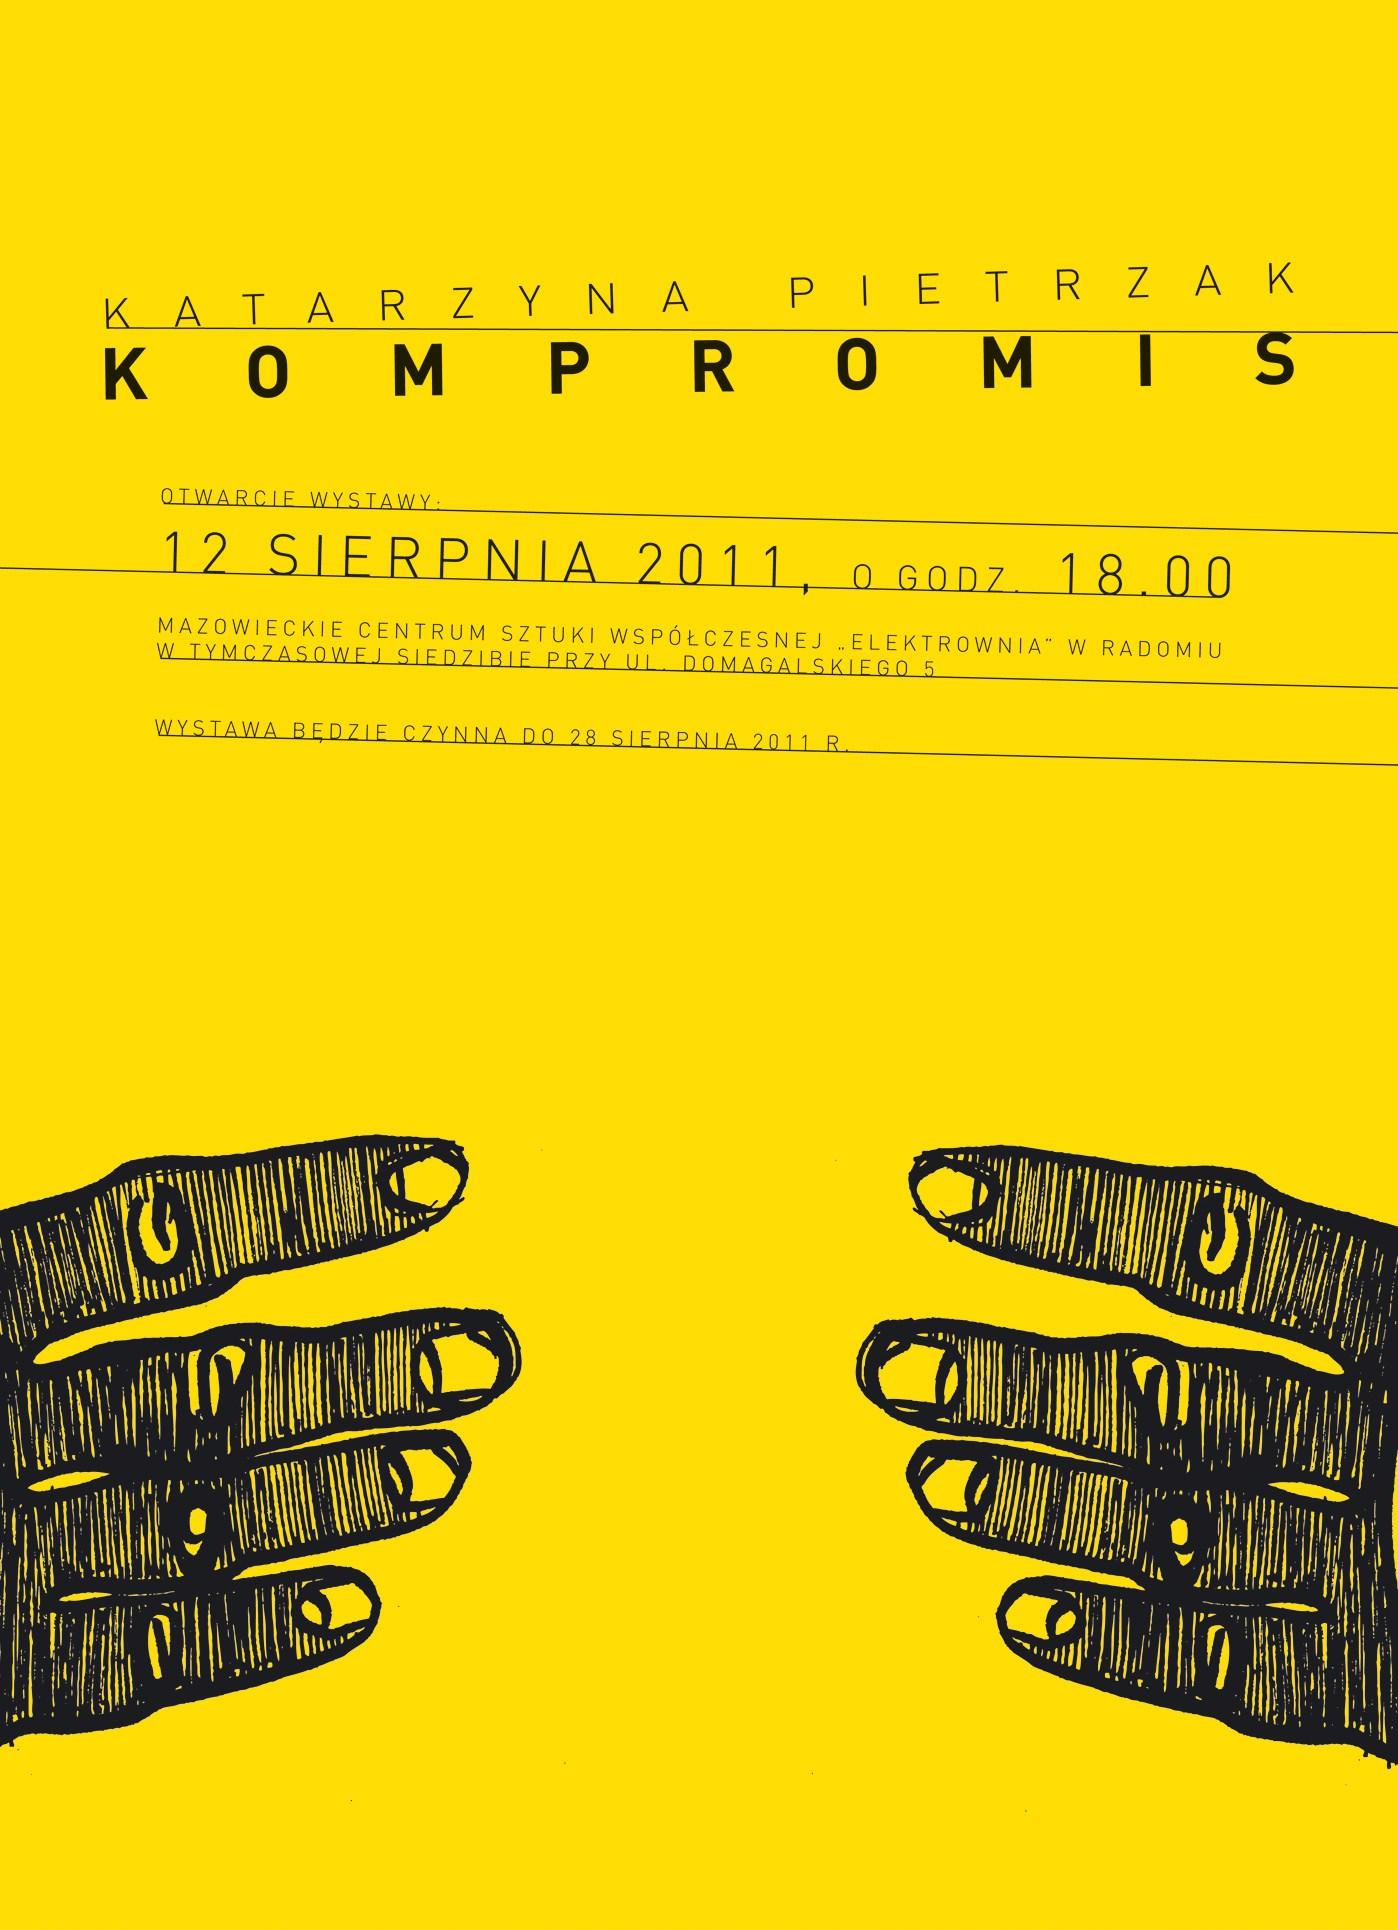 Plakat wystawy prac Katarzyny Pietrzak pt. Kompromis (plakat pochodzi z materiałów udostępnionych przez organizatora)